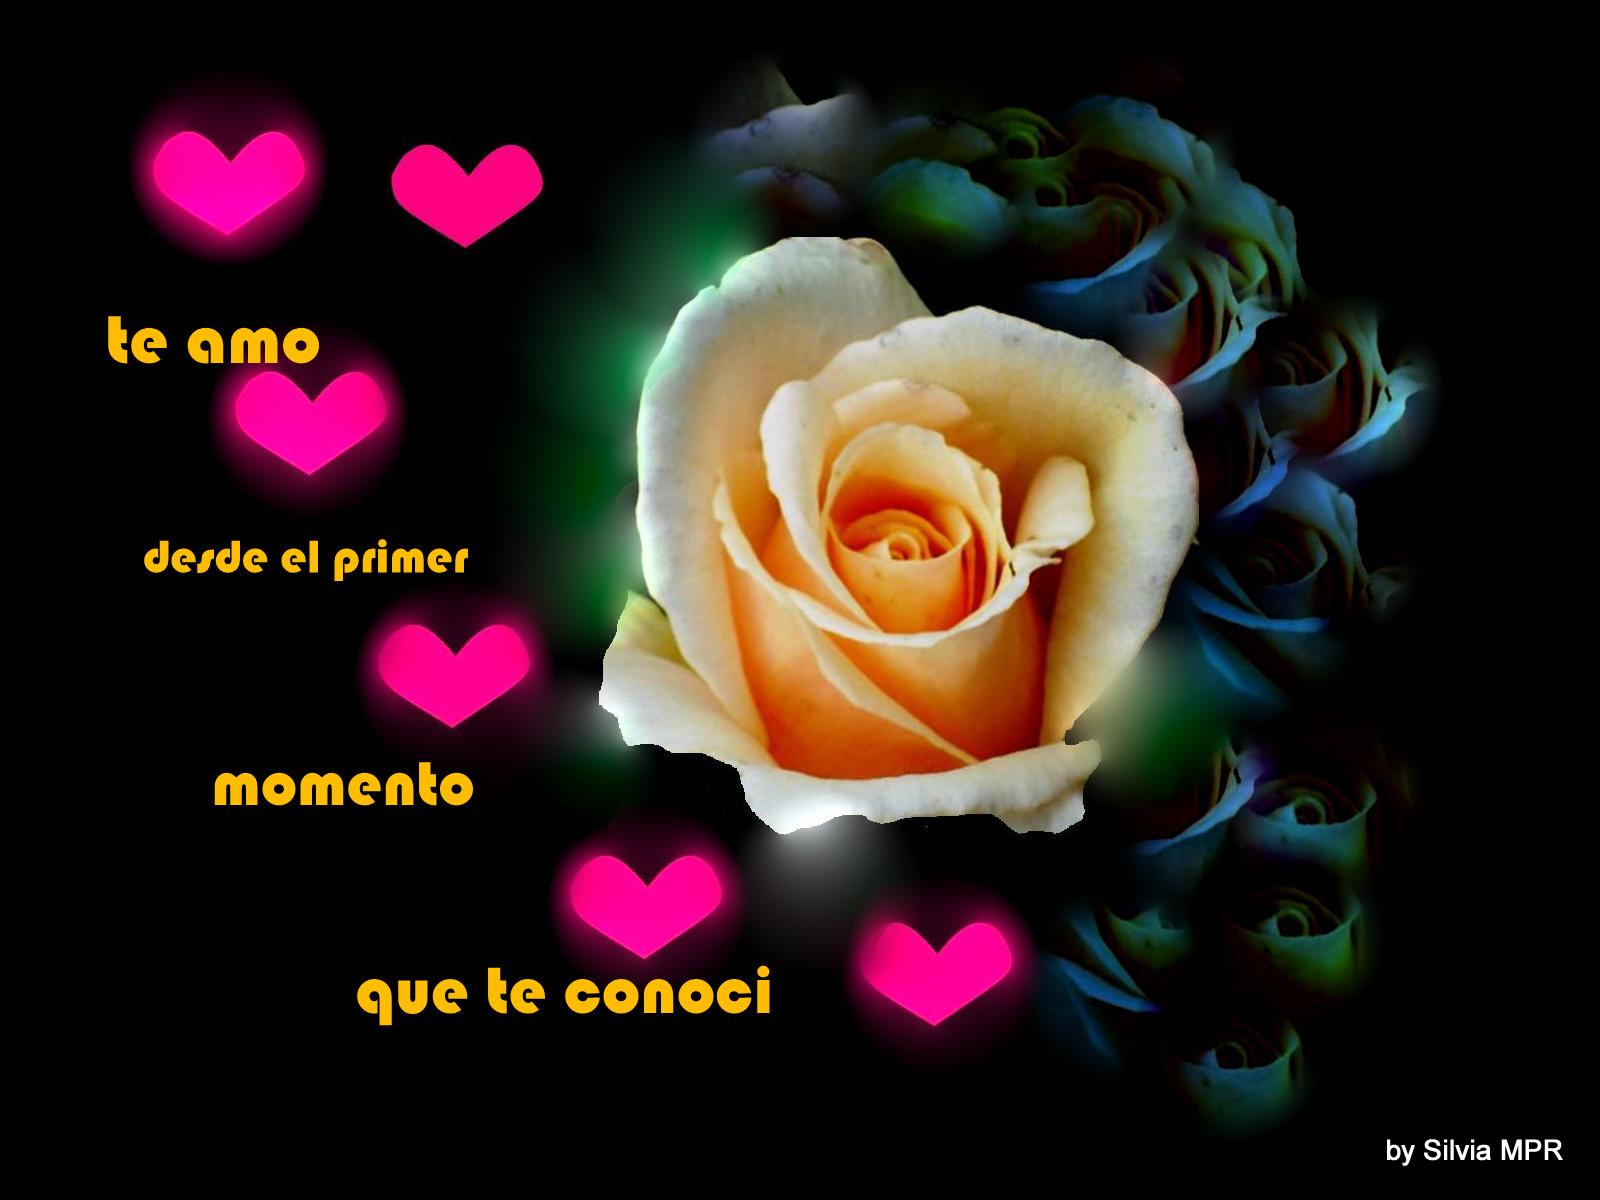 versos frases y poemas con imagenes de amor Taringa!